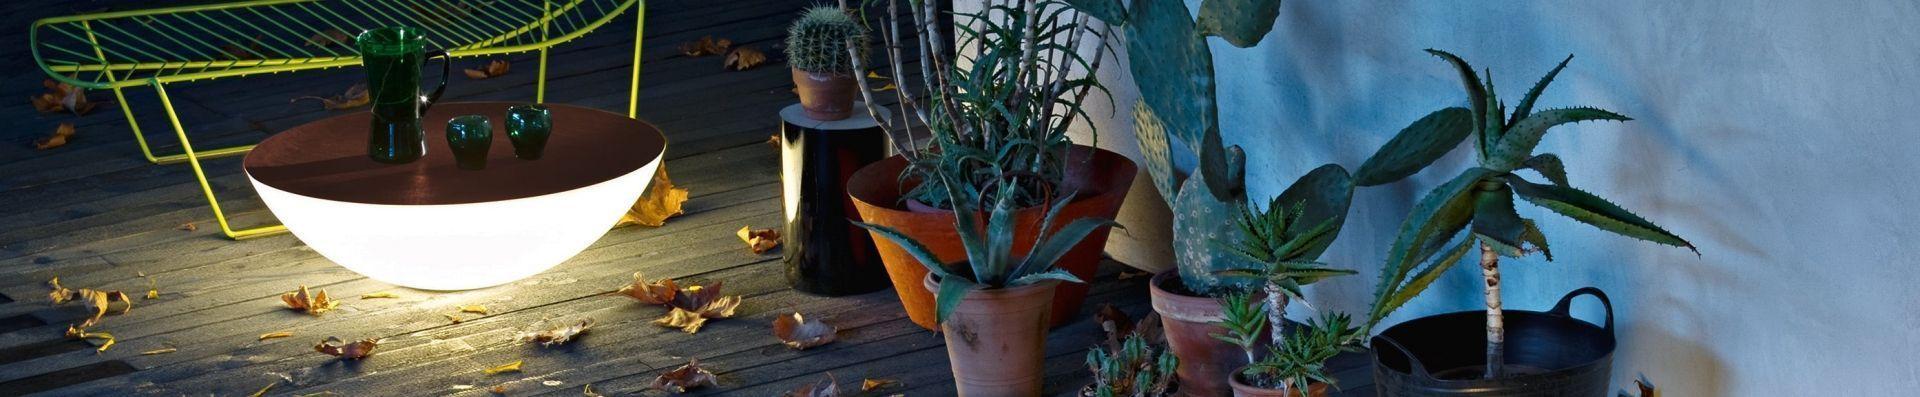 Tuintrend: Jardín Botánico